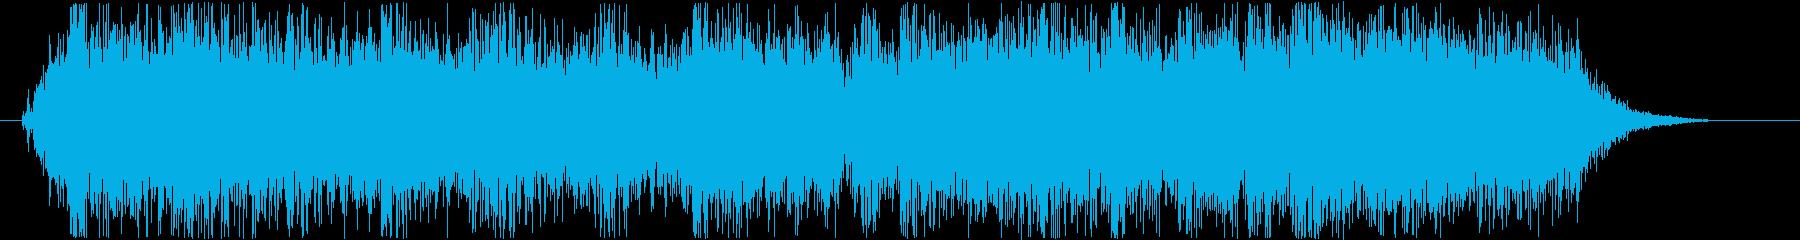 ロックバンドショートジングル003の再生済みの波形